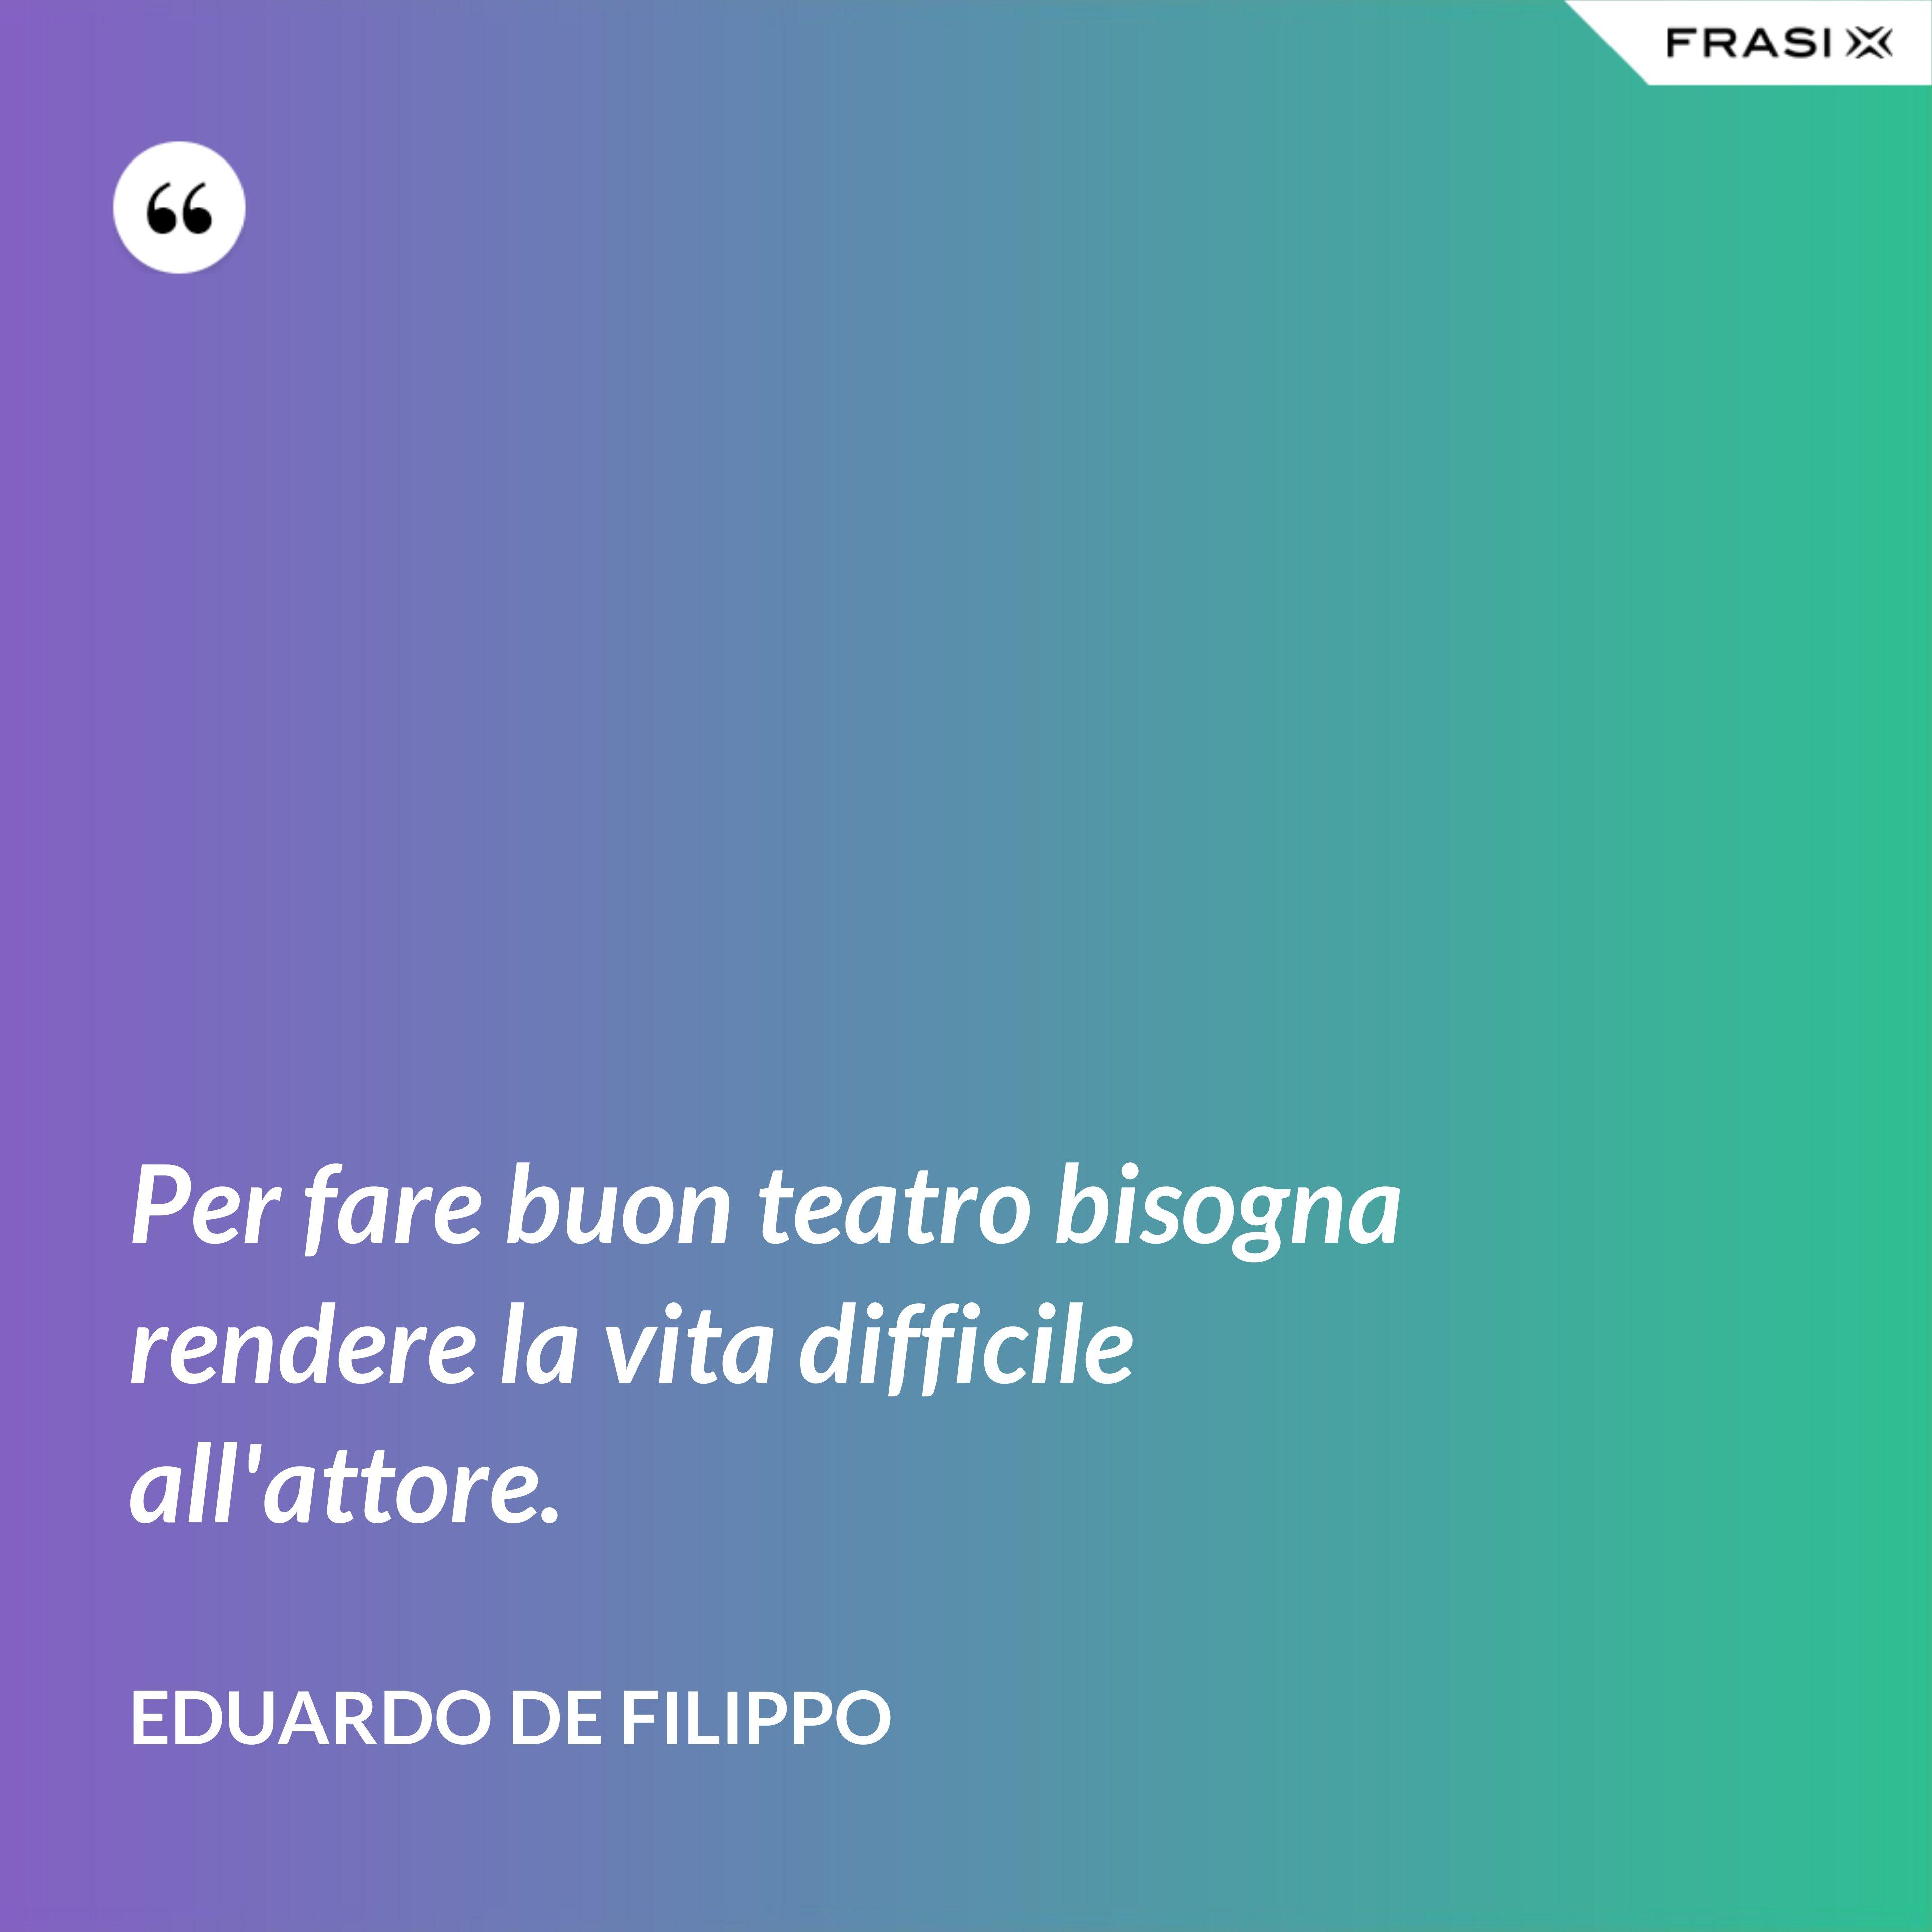 Per fare buon teatro bisogna rendere la vita difficile all'attore. - Eduardo De Filippo